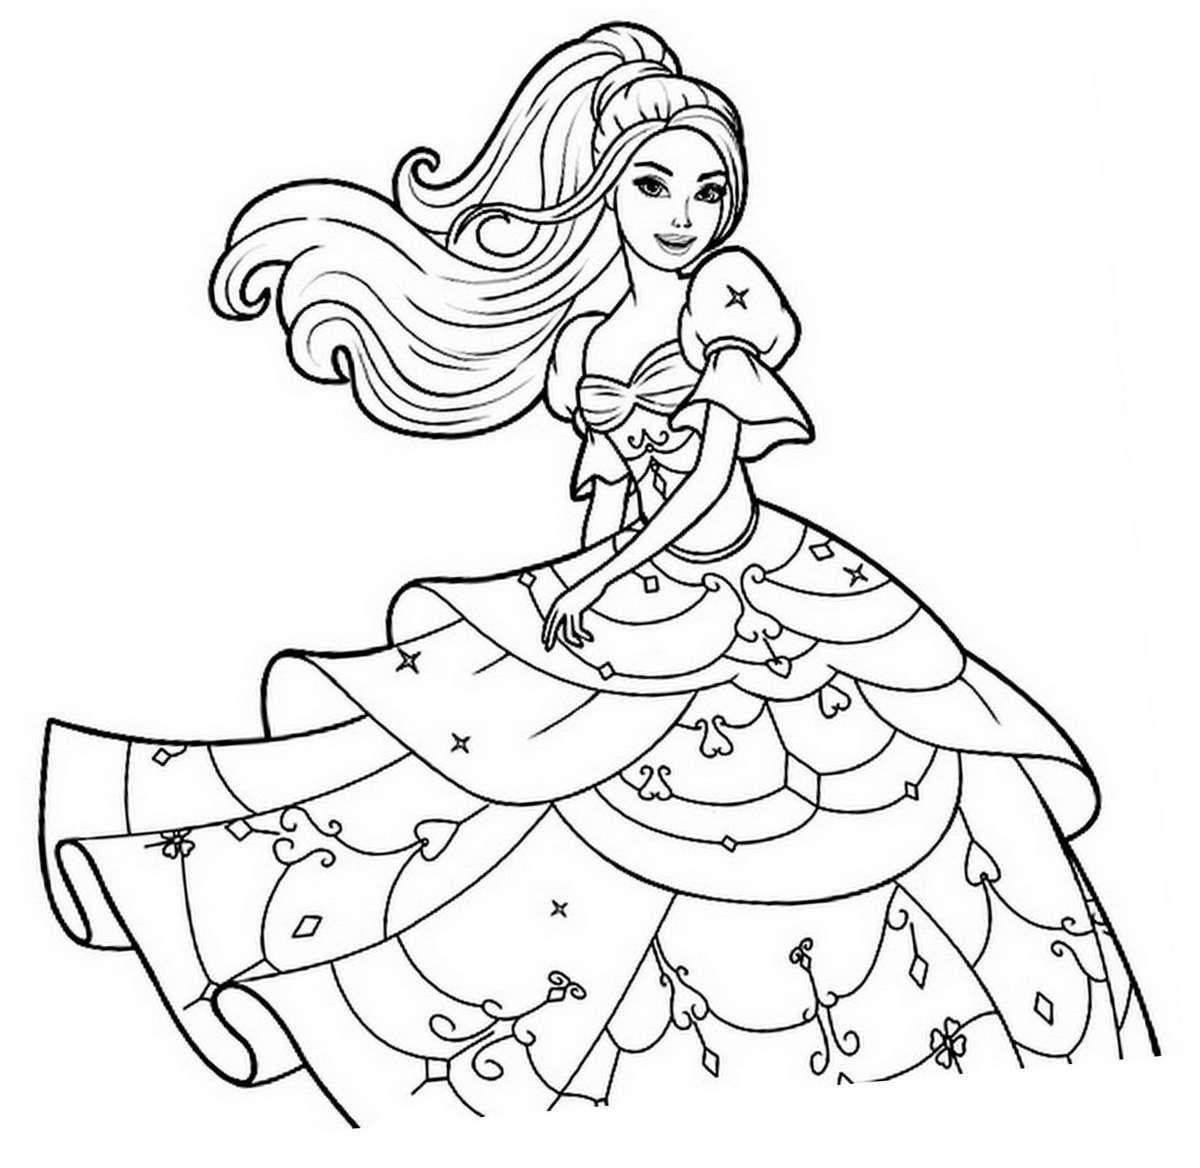 Coloriages princesses imprimer coloriage pinterest - Coloriage barbie princesse a imprimer ...